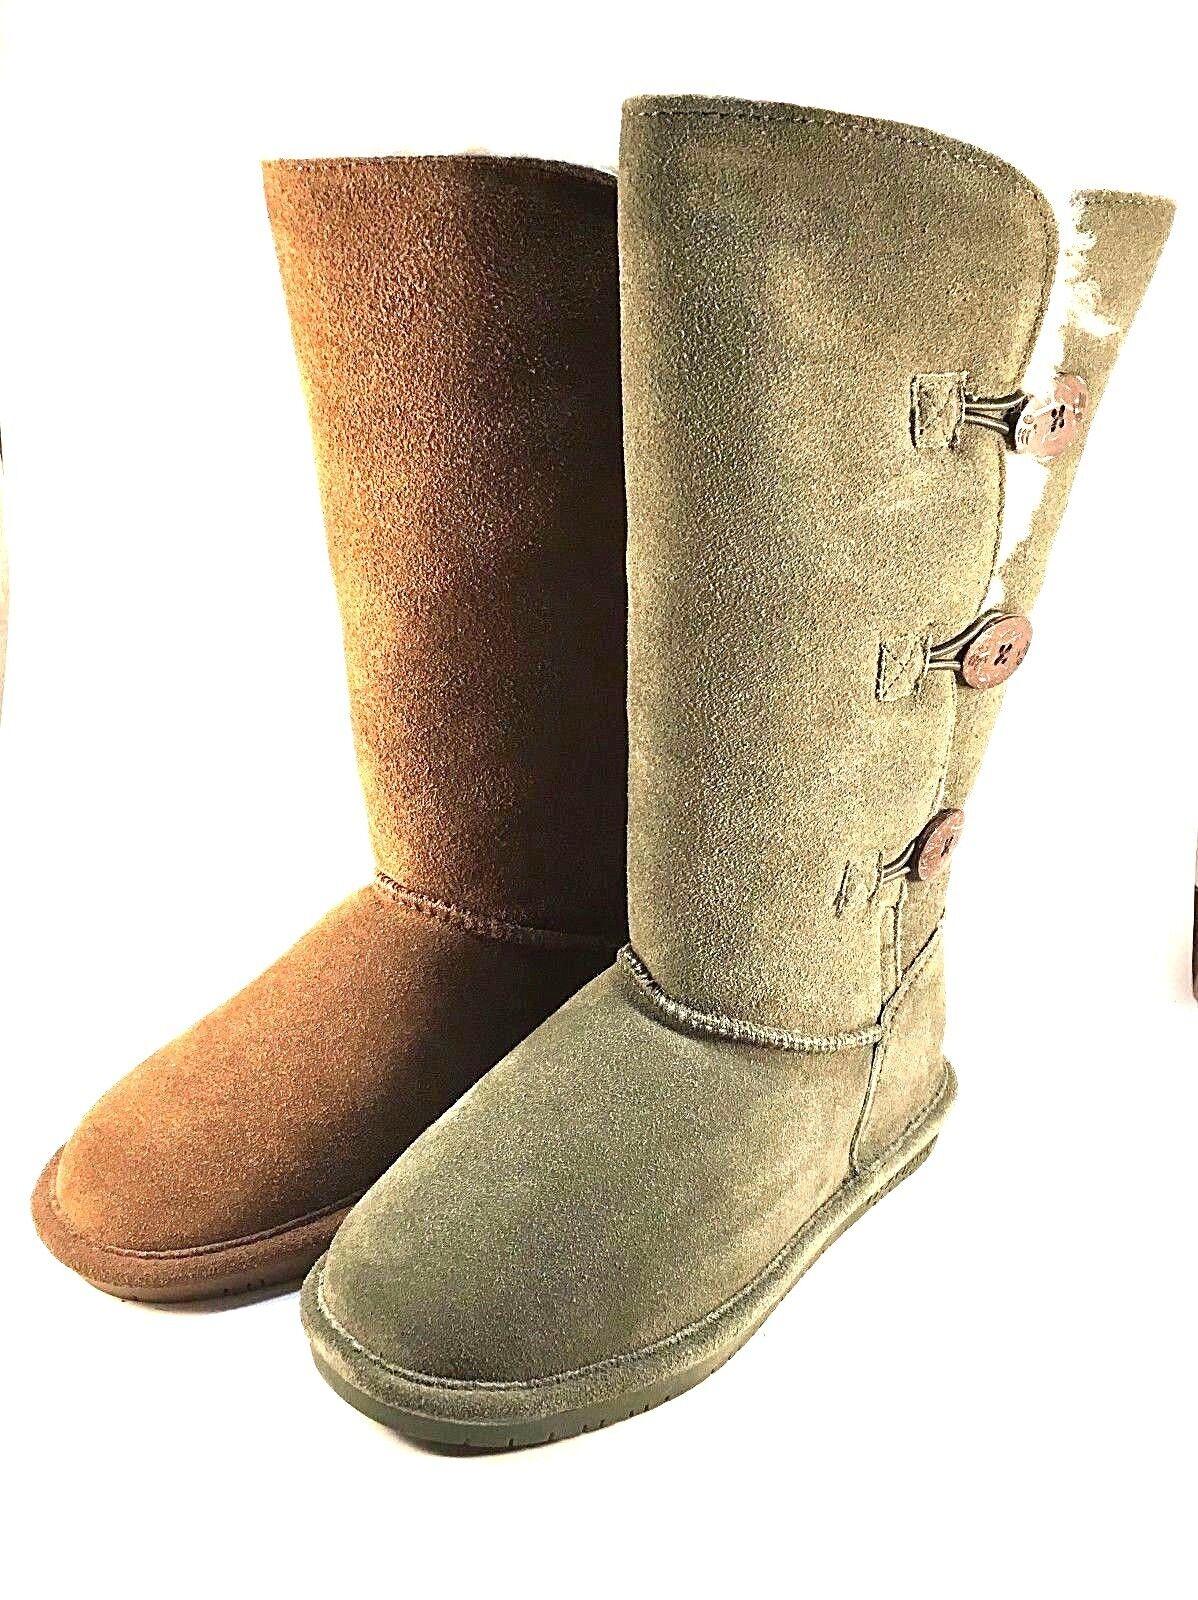 BearPaw Lauren Flat Suede Sheepskin Wool Lining Pull On Boots Choose Sz color